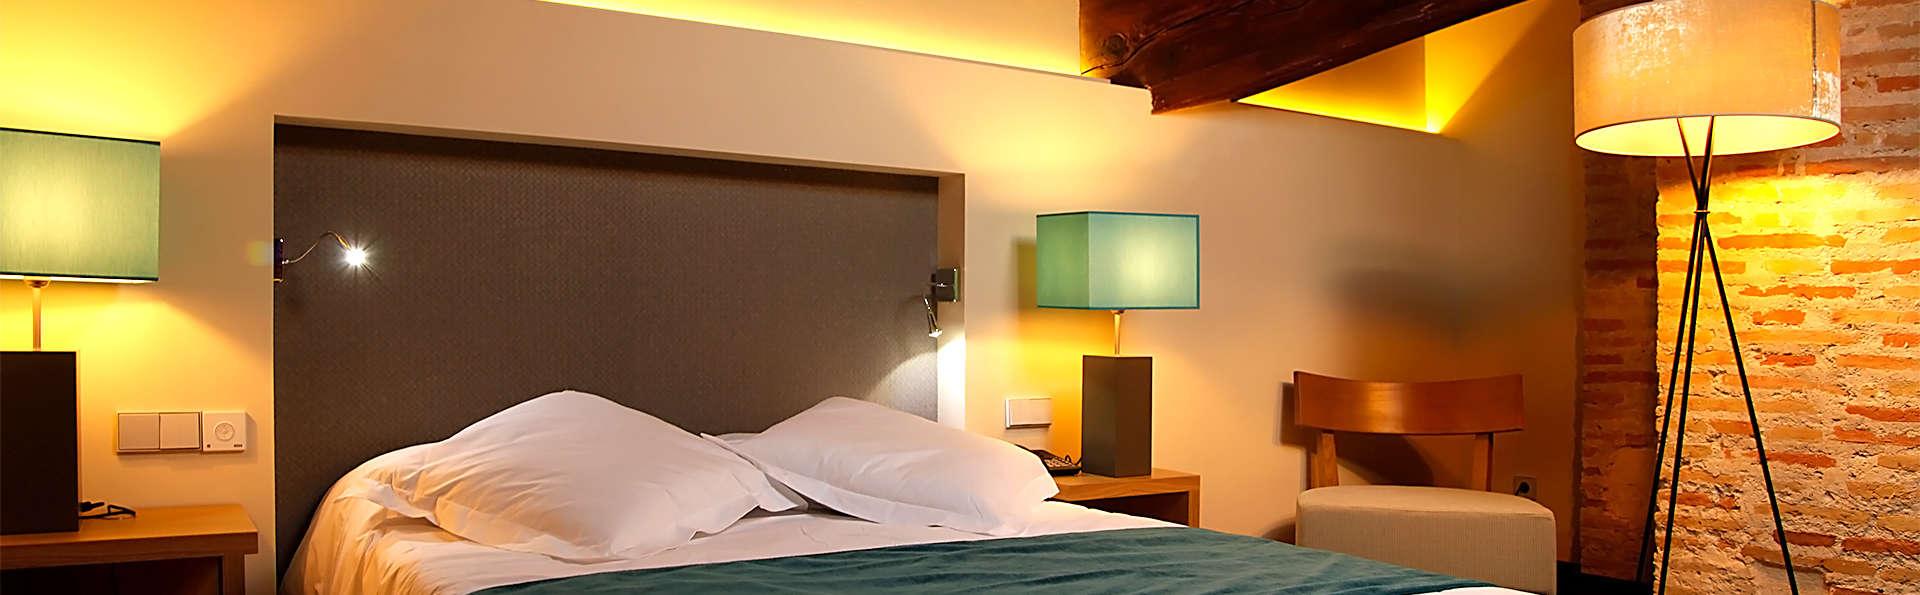 Hotel Spa Martín El Humano - EDIT_room5.jpg